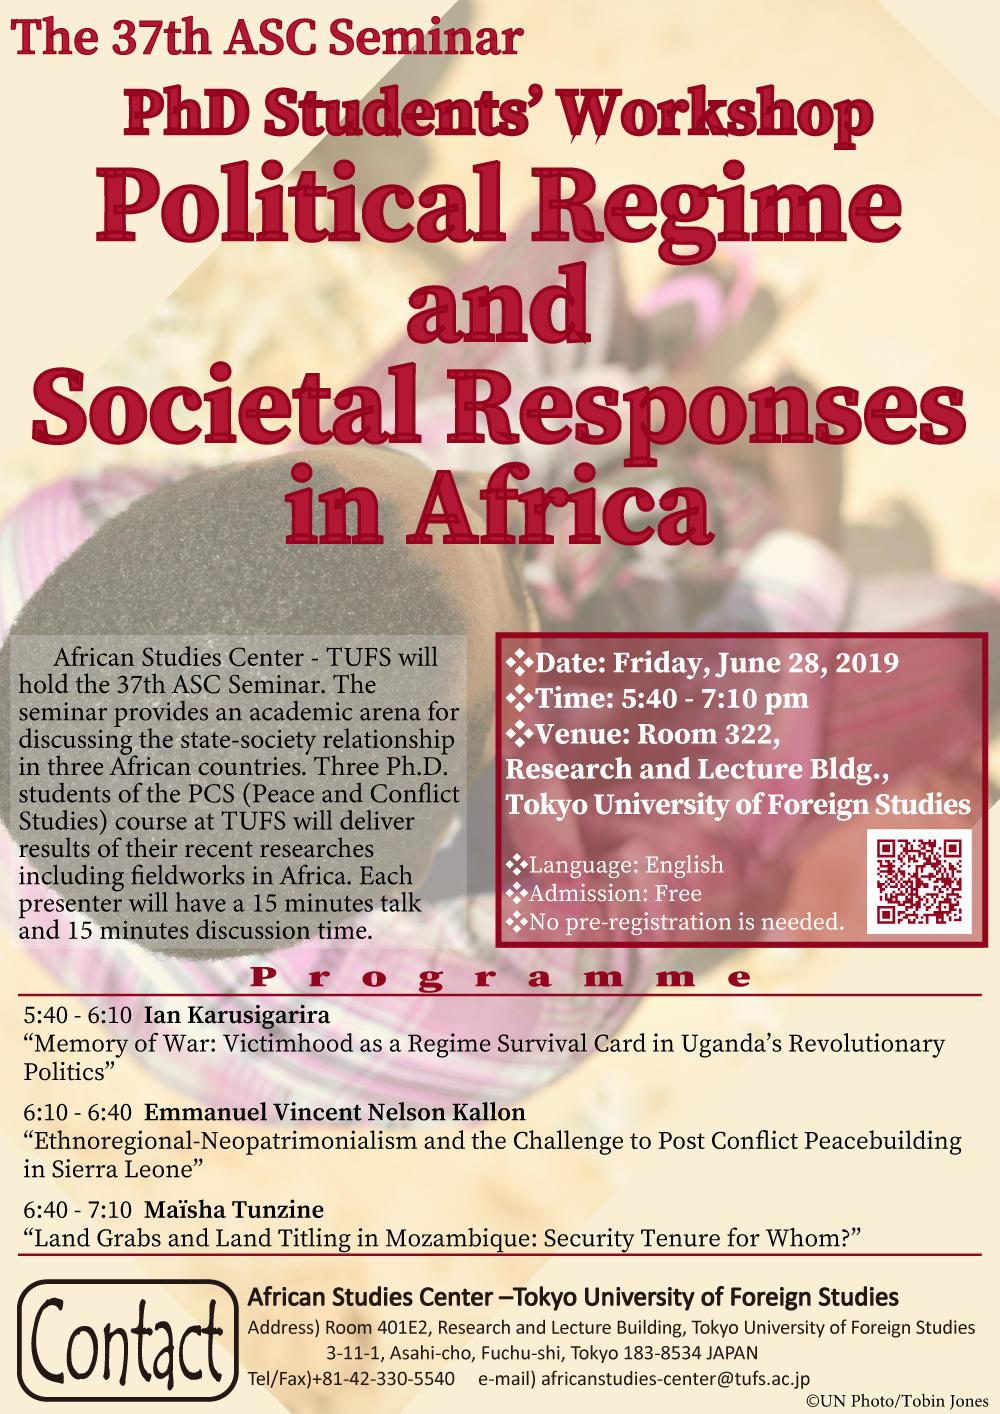 アフリカ出身の博士後期課程学生によるワークショップをおこないます